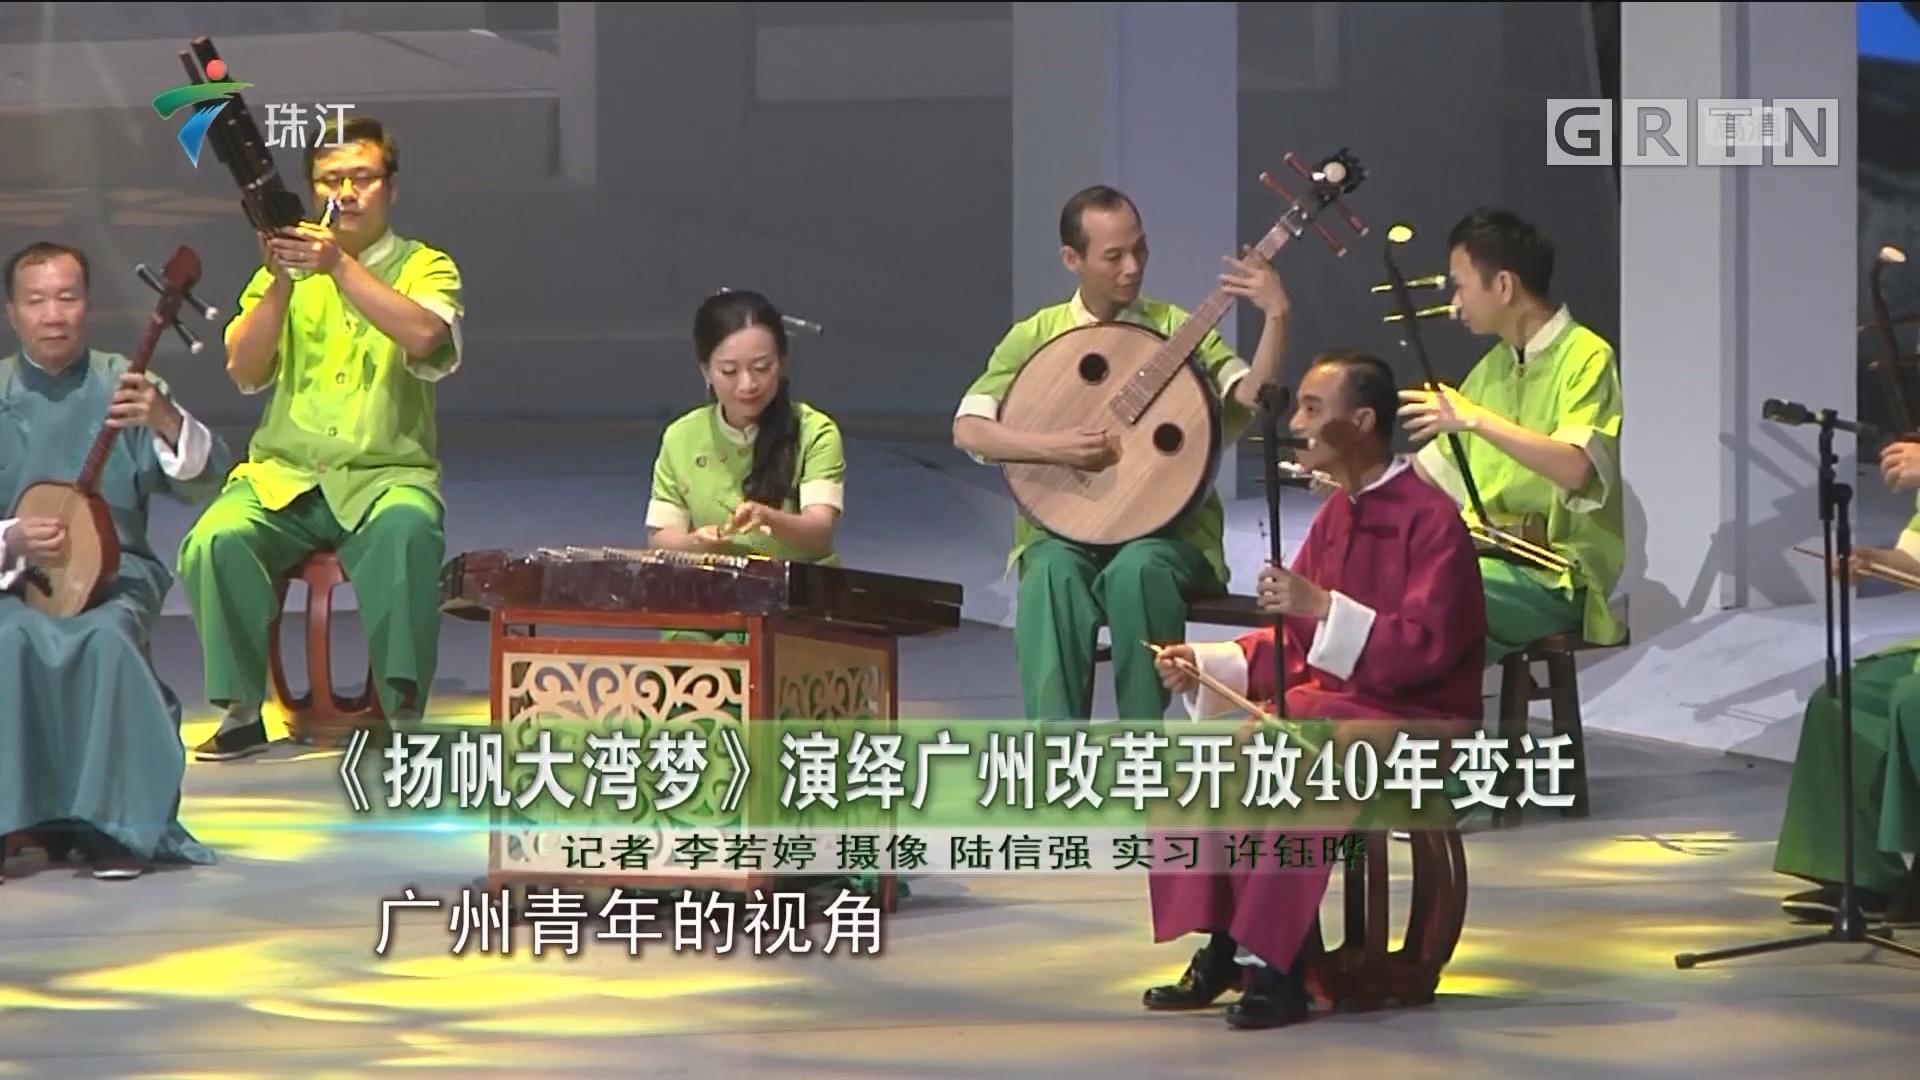 《扬帆大湾梦》演绎广州改革开放40年变迁